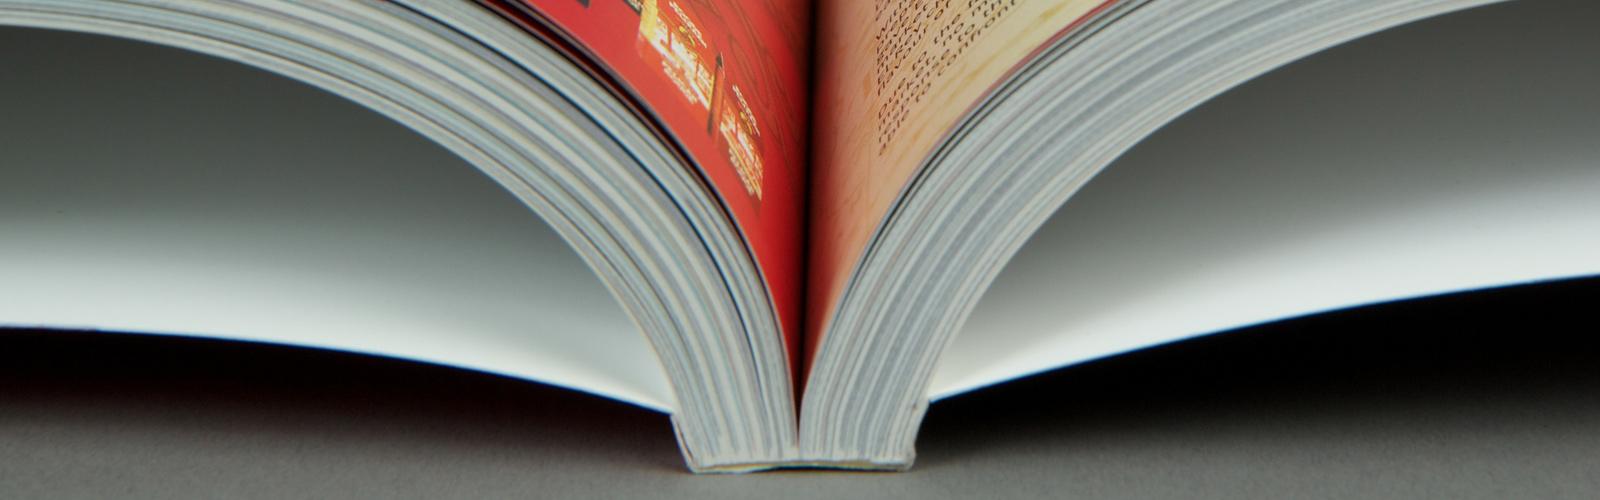 Full Colour & BW Books